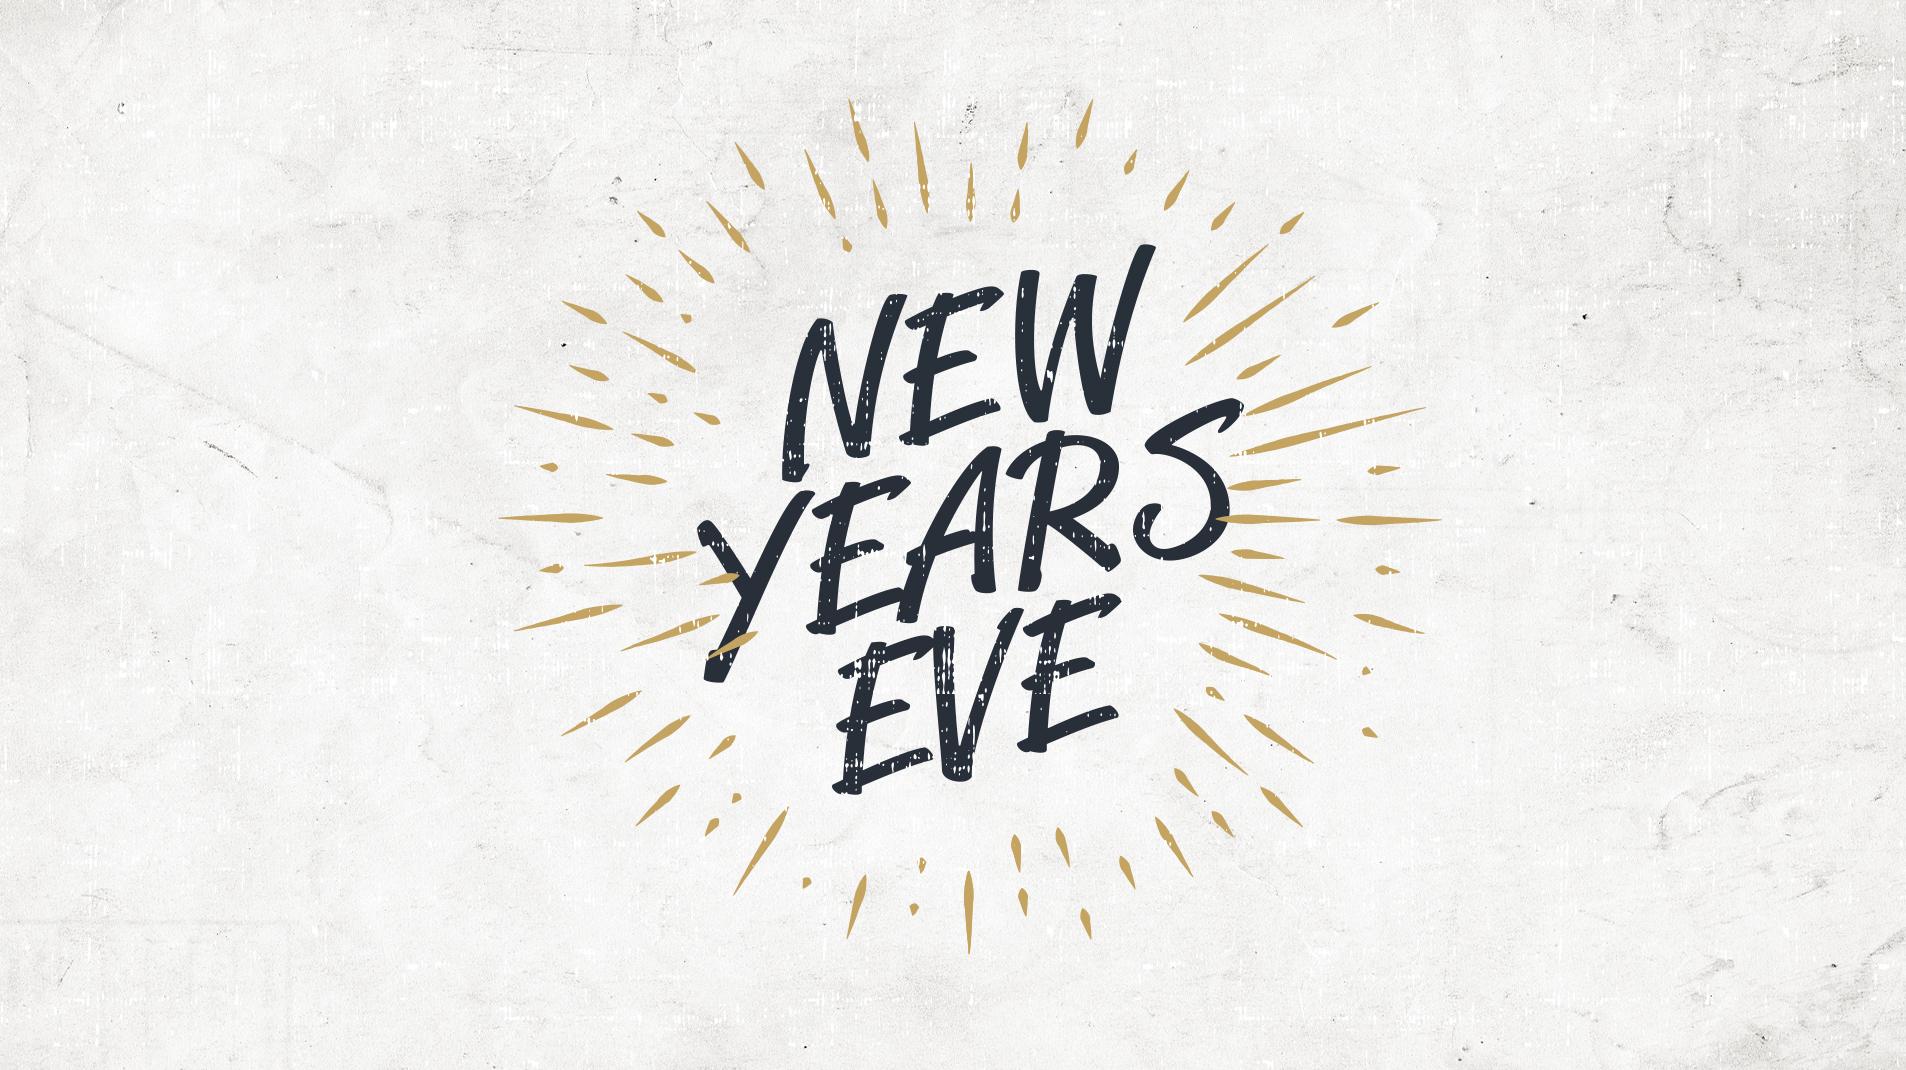 Stream New Years Eve